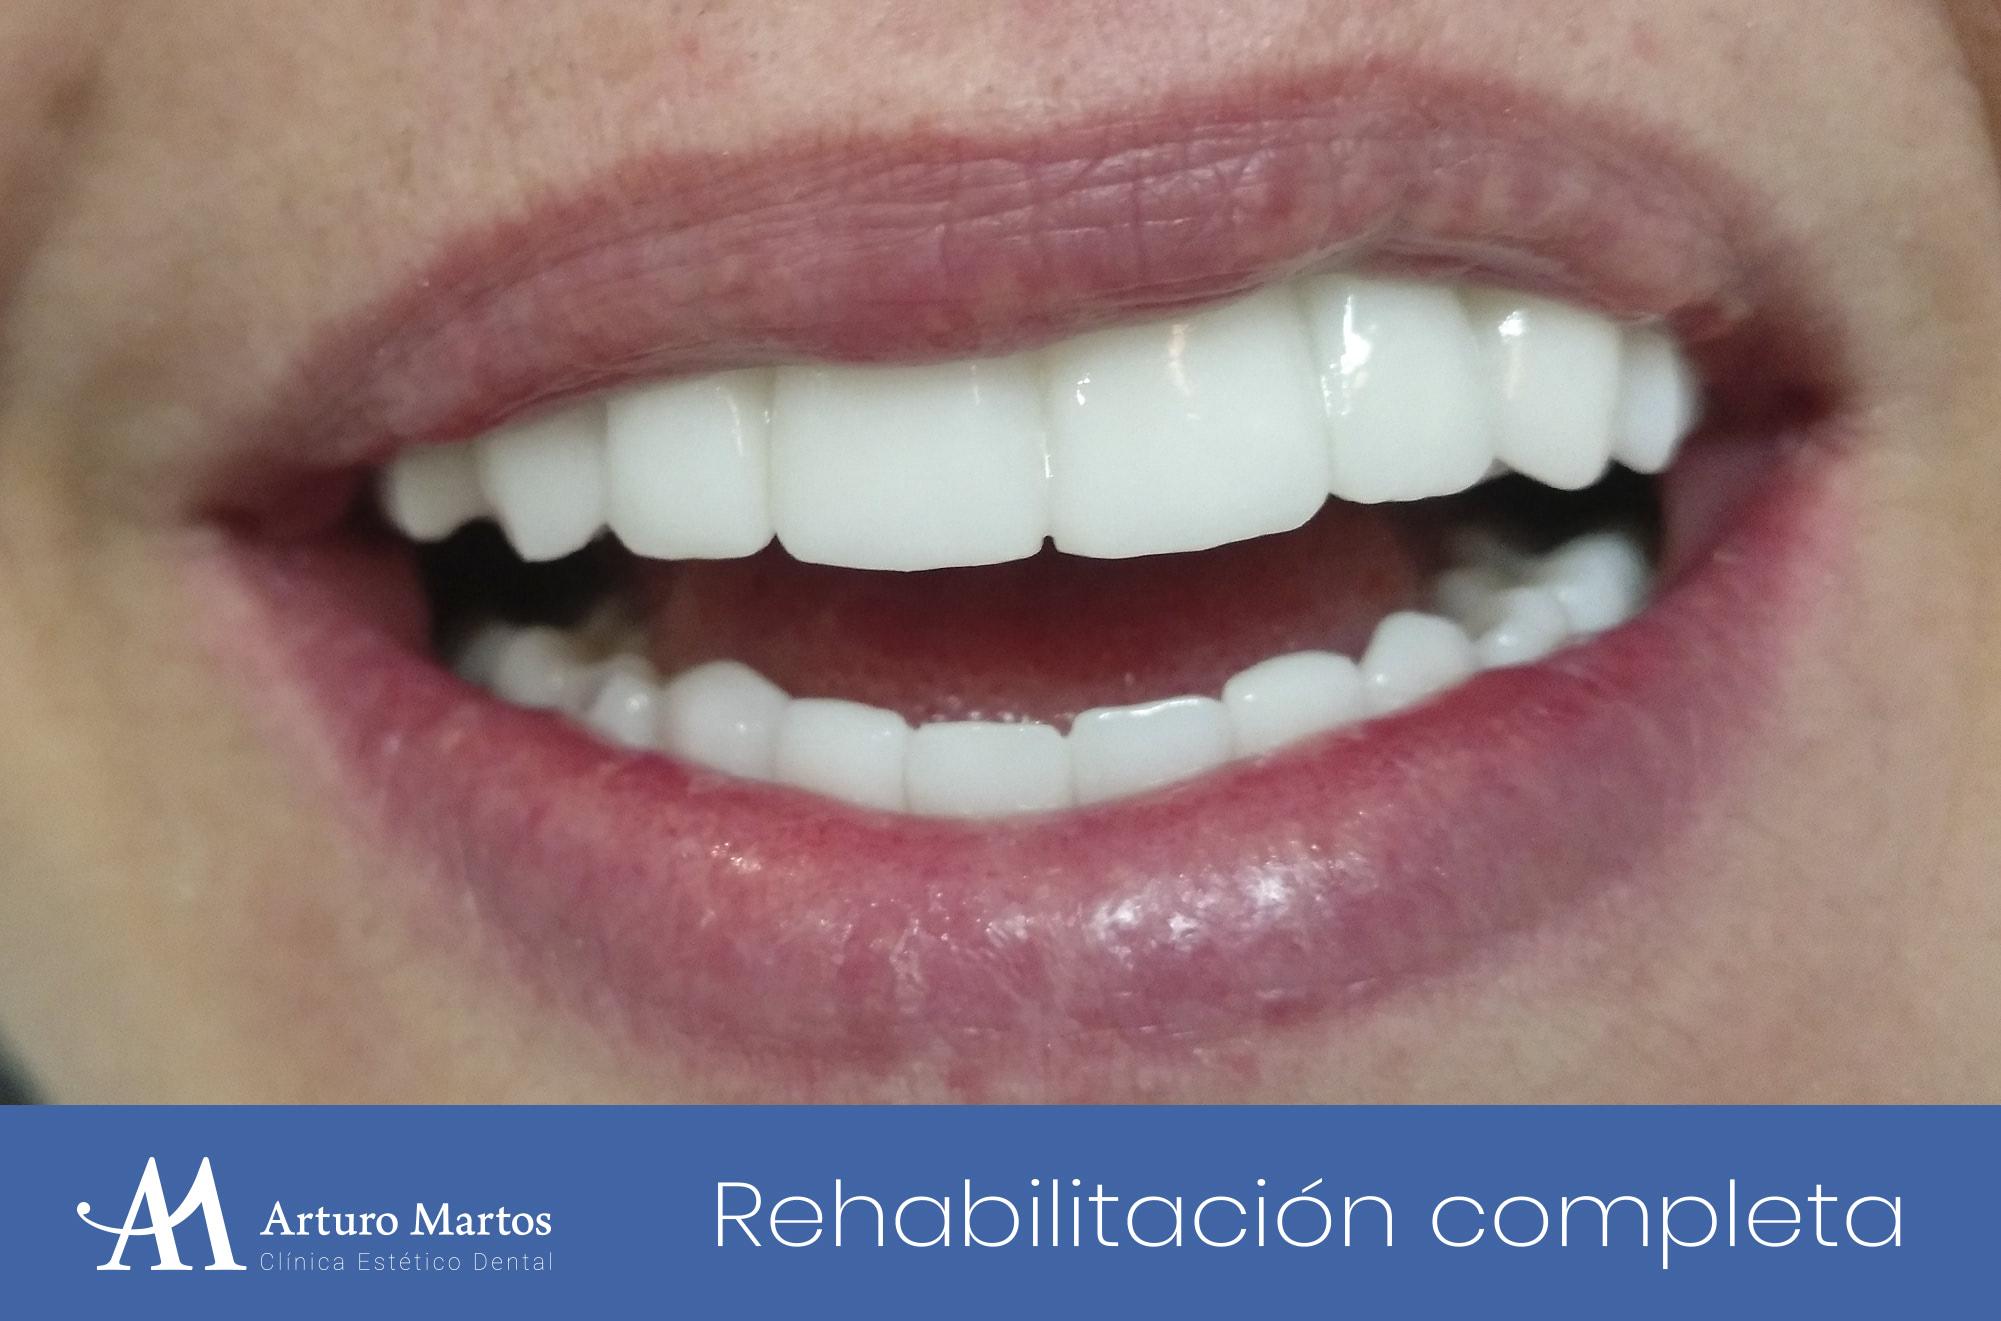 Tratamiento recperación inferior y superior maxilar completa en clínica dental Arturo Martos en Granada.